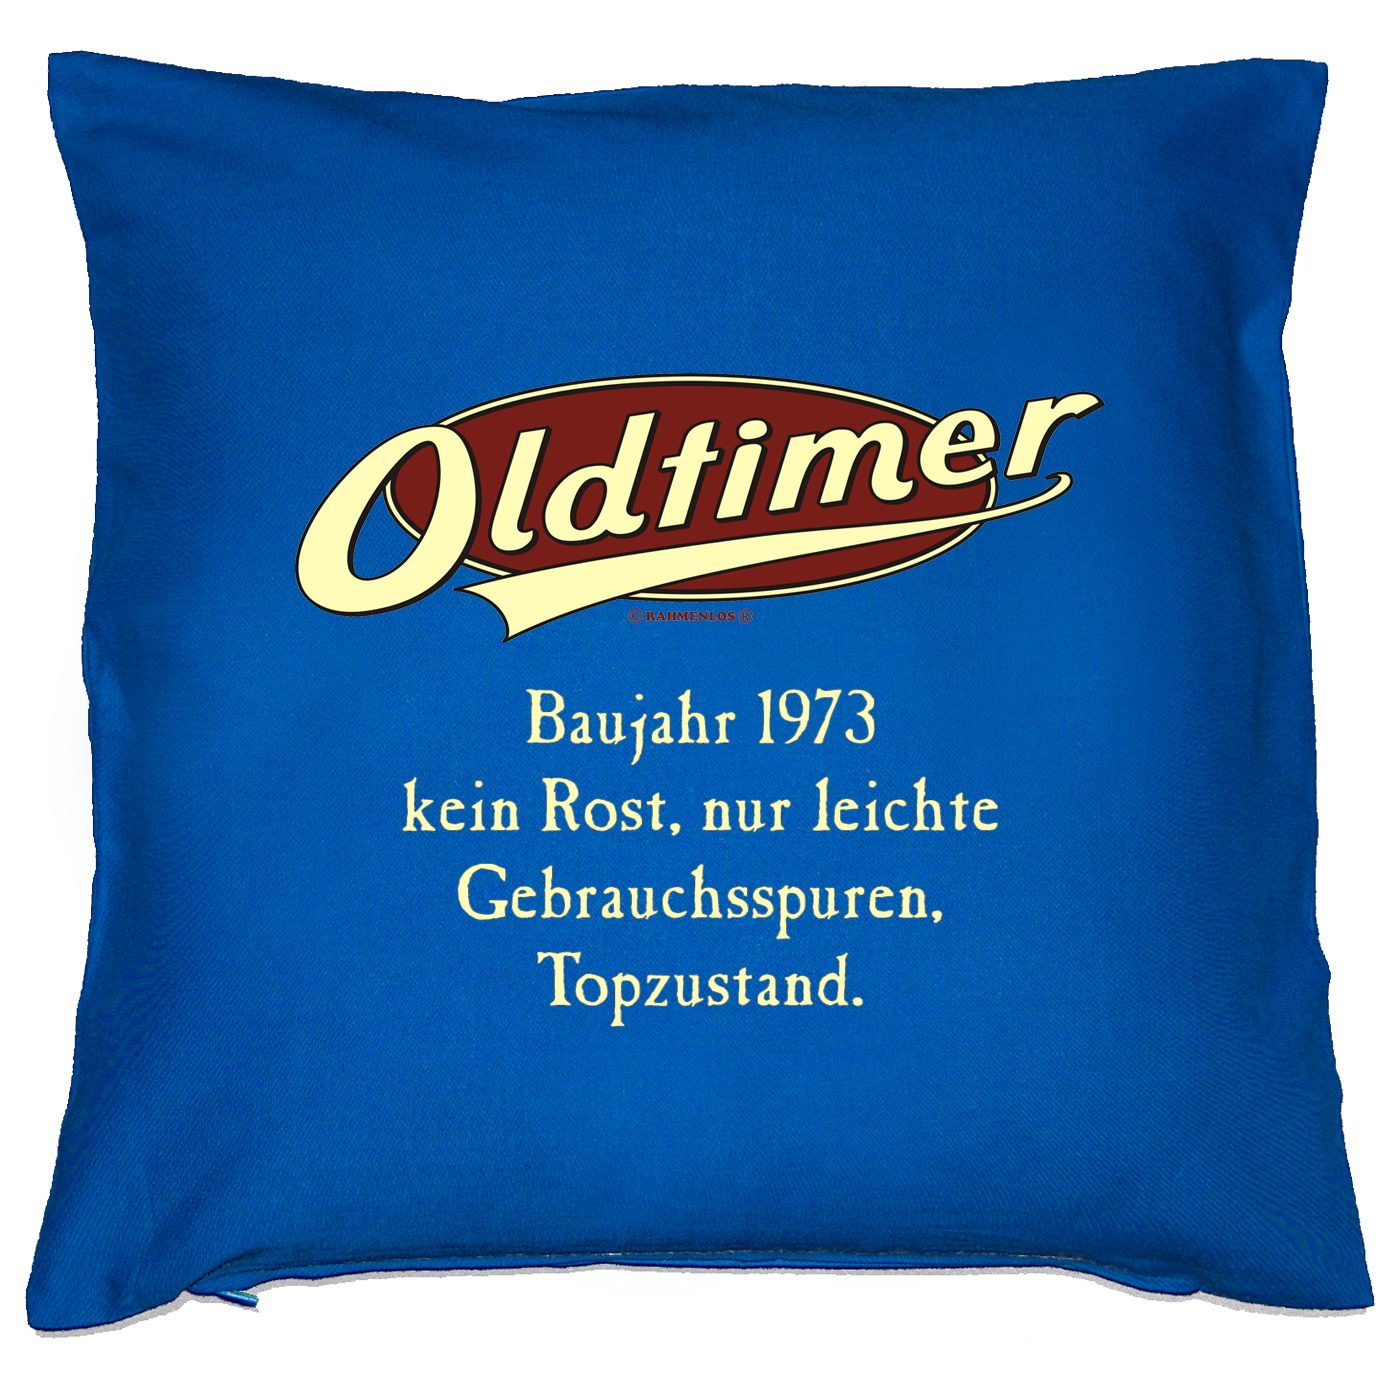 Kissen mit Innenkissen - OLDTIMER BAUJAHR 1973 - kein Rost, nur leichte Gebrauchsspuren, Topzustand. - zum 40. Geburtstag Geschenk - 40 x 40 cm - in royal-blau